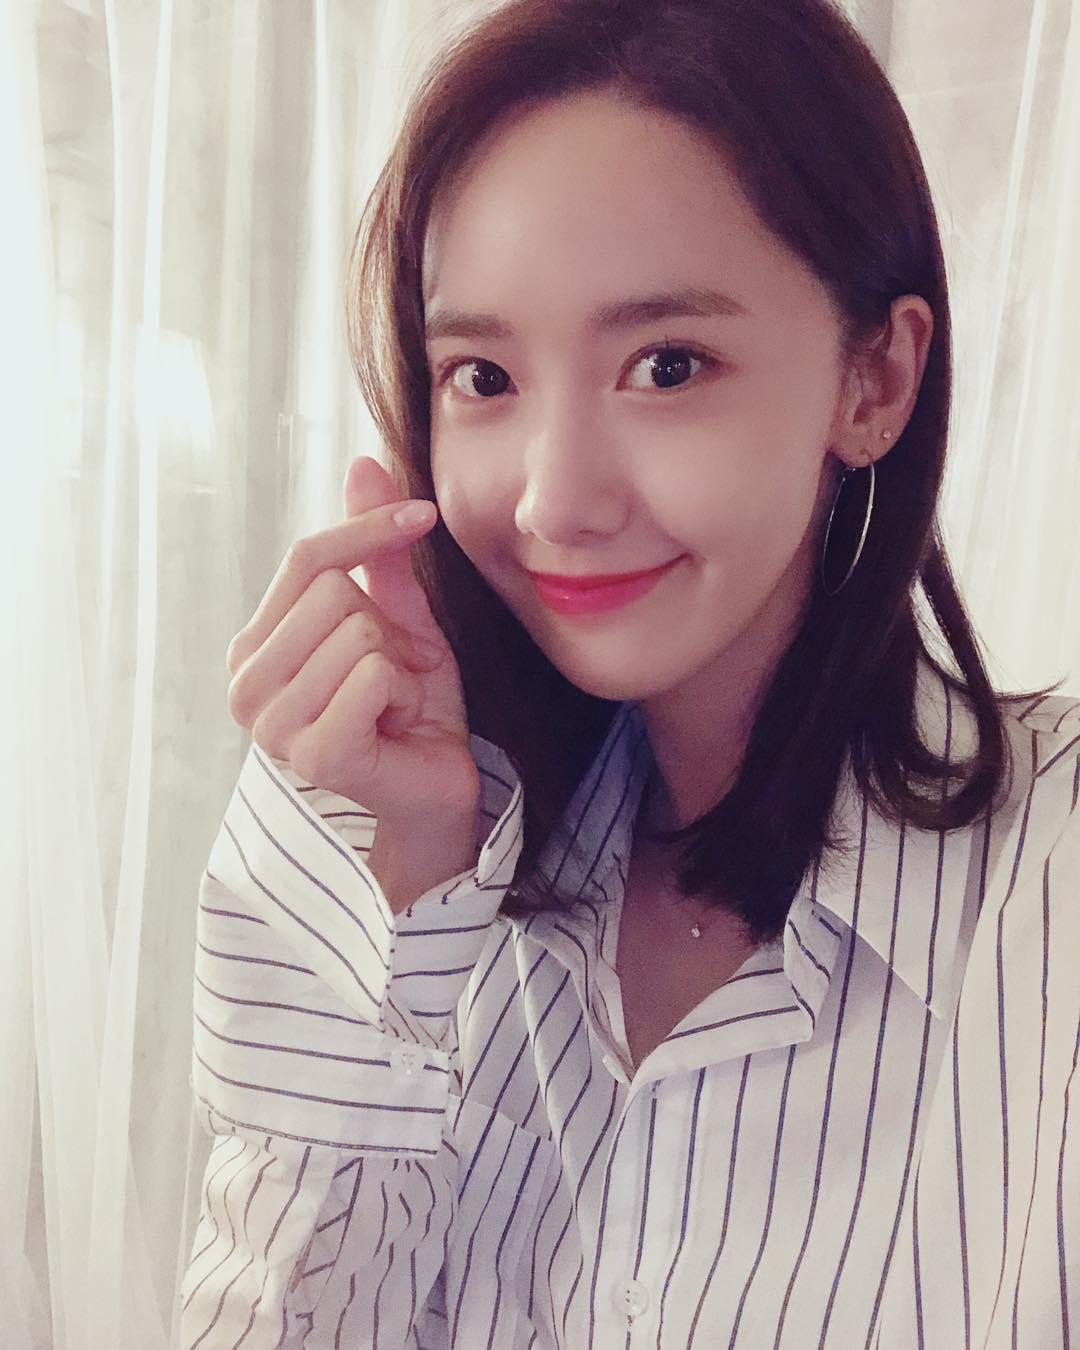 Vừa tròn 30, Yoona bật mí 5 chiêu dưỡng da 'bất di bất dịch' mà cô chưa một lần coi thường, chị em nghe xong gật gù tâm đắc - Ảnh 4